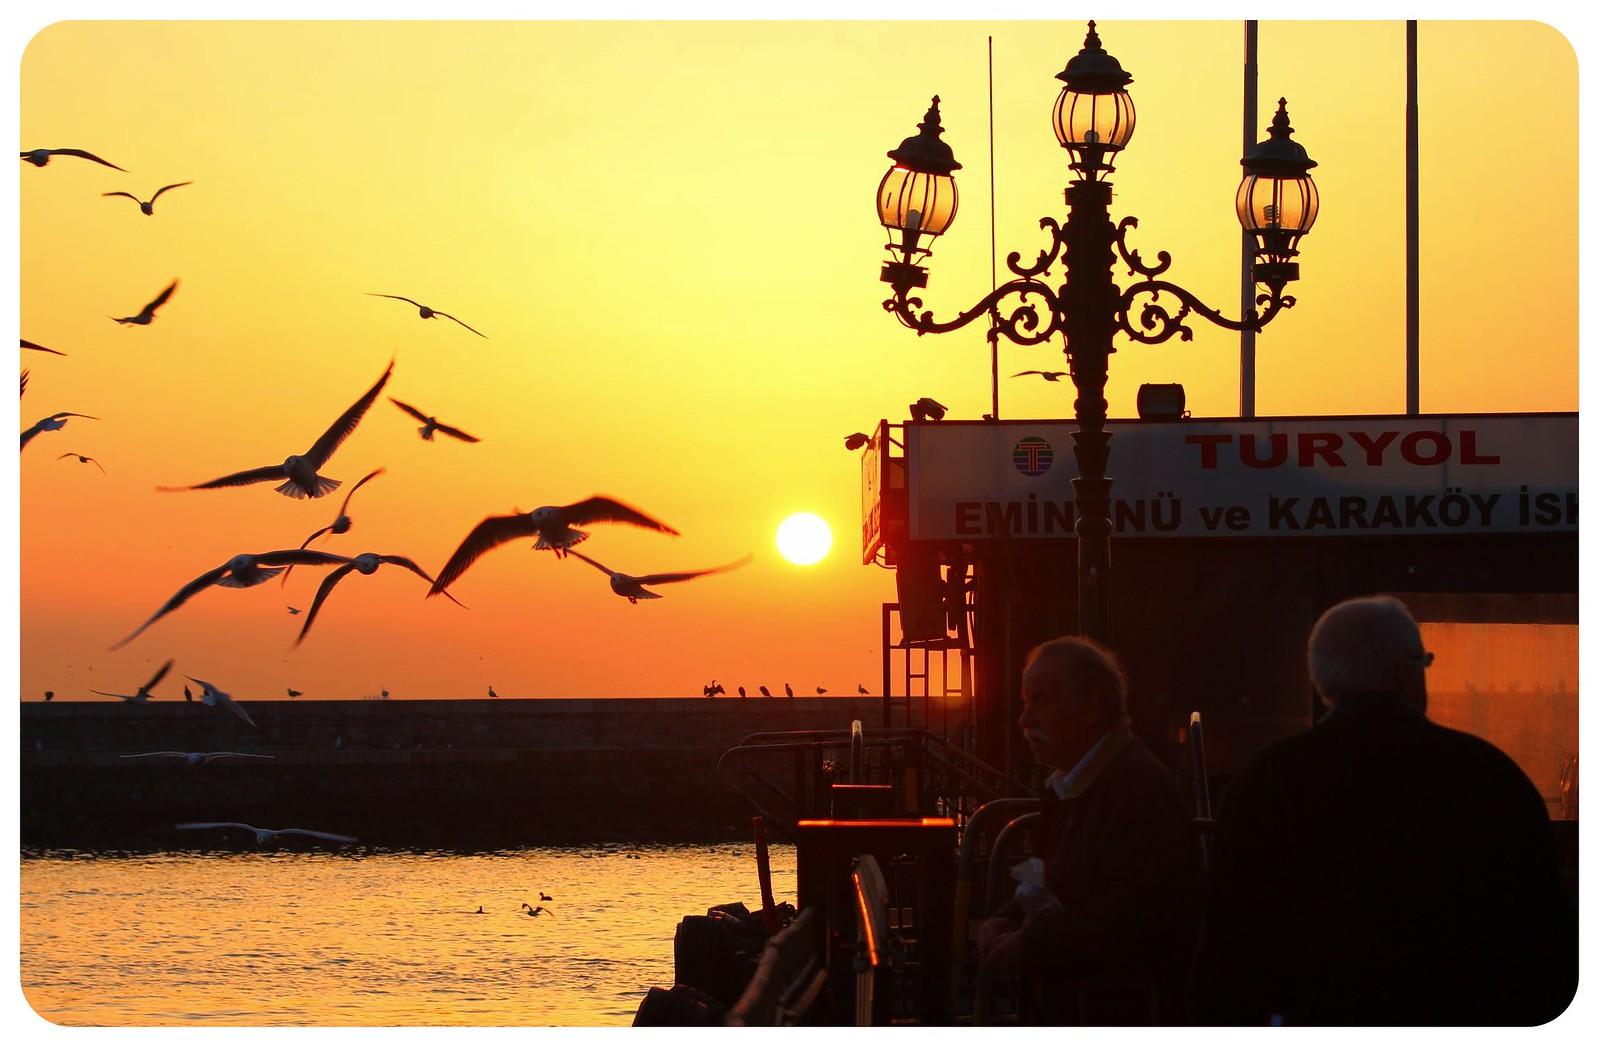 istanbul sunset birds